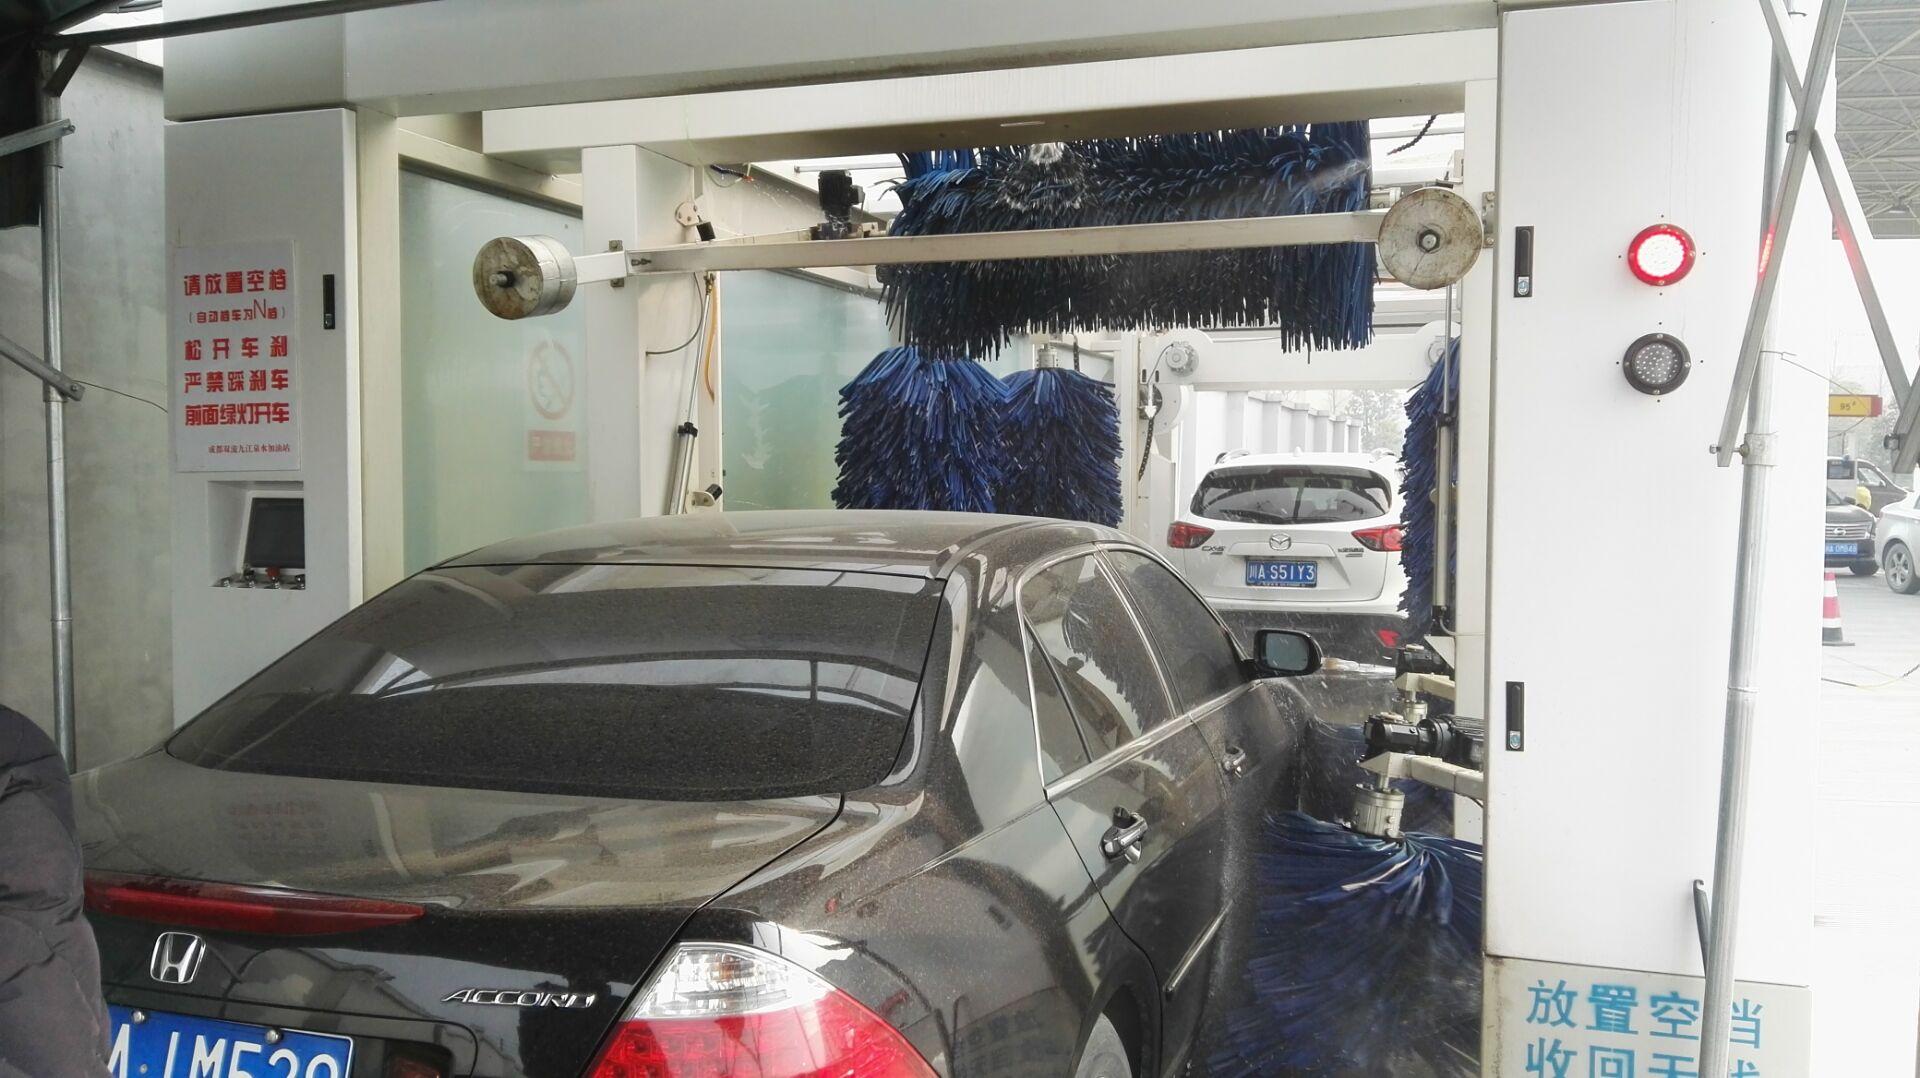 四川洗车机价格-科立达电脑洗车机 全部采用304不锈钢轴承